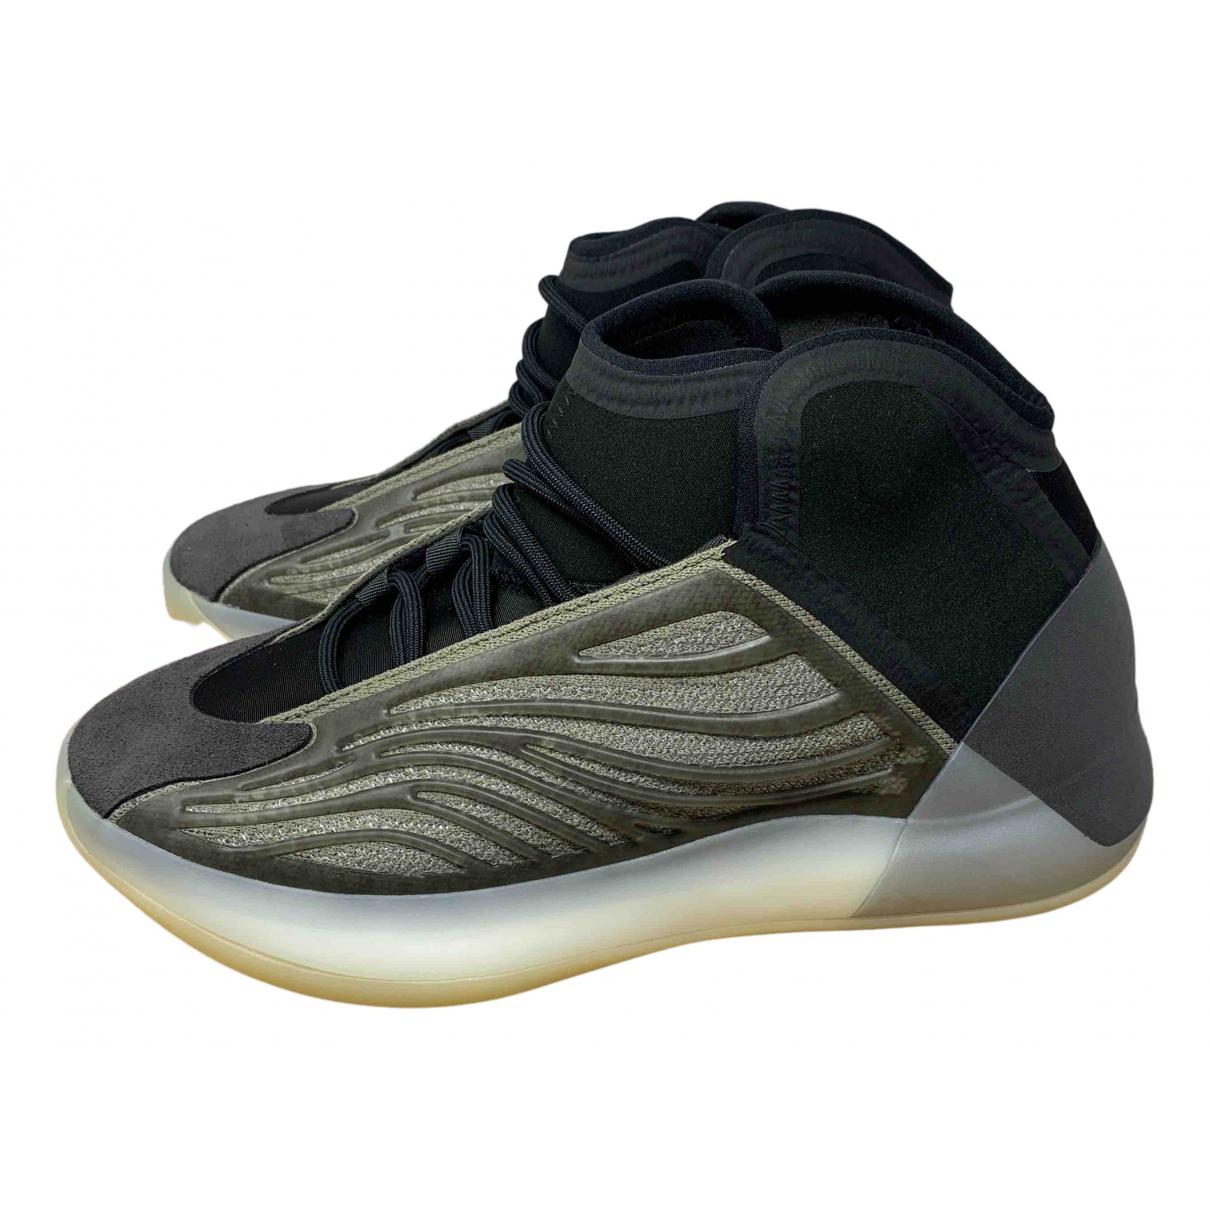 Yeezy X Adidas - Baskets QNTM BSKTBL pour homme en suede - gris